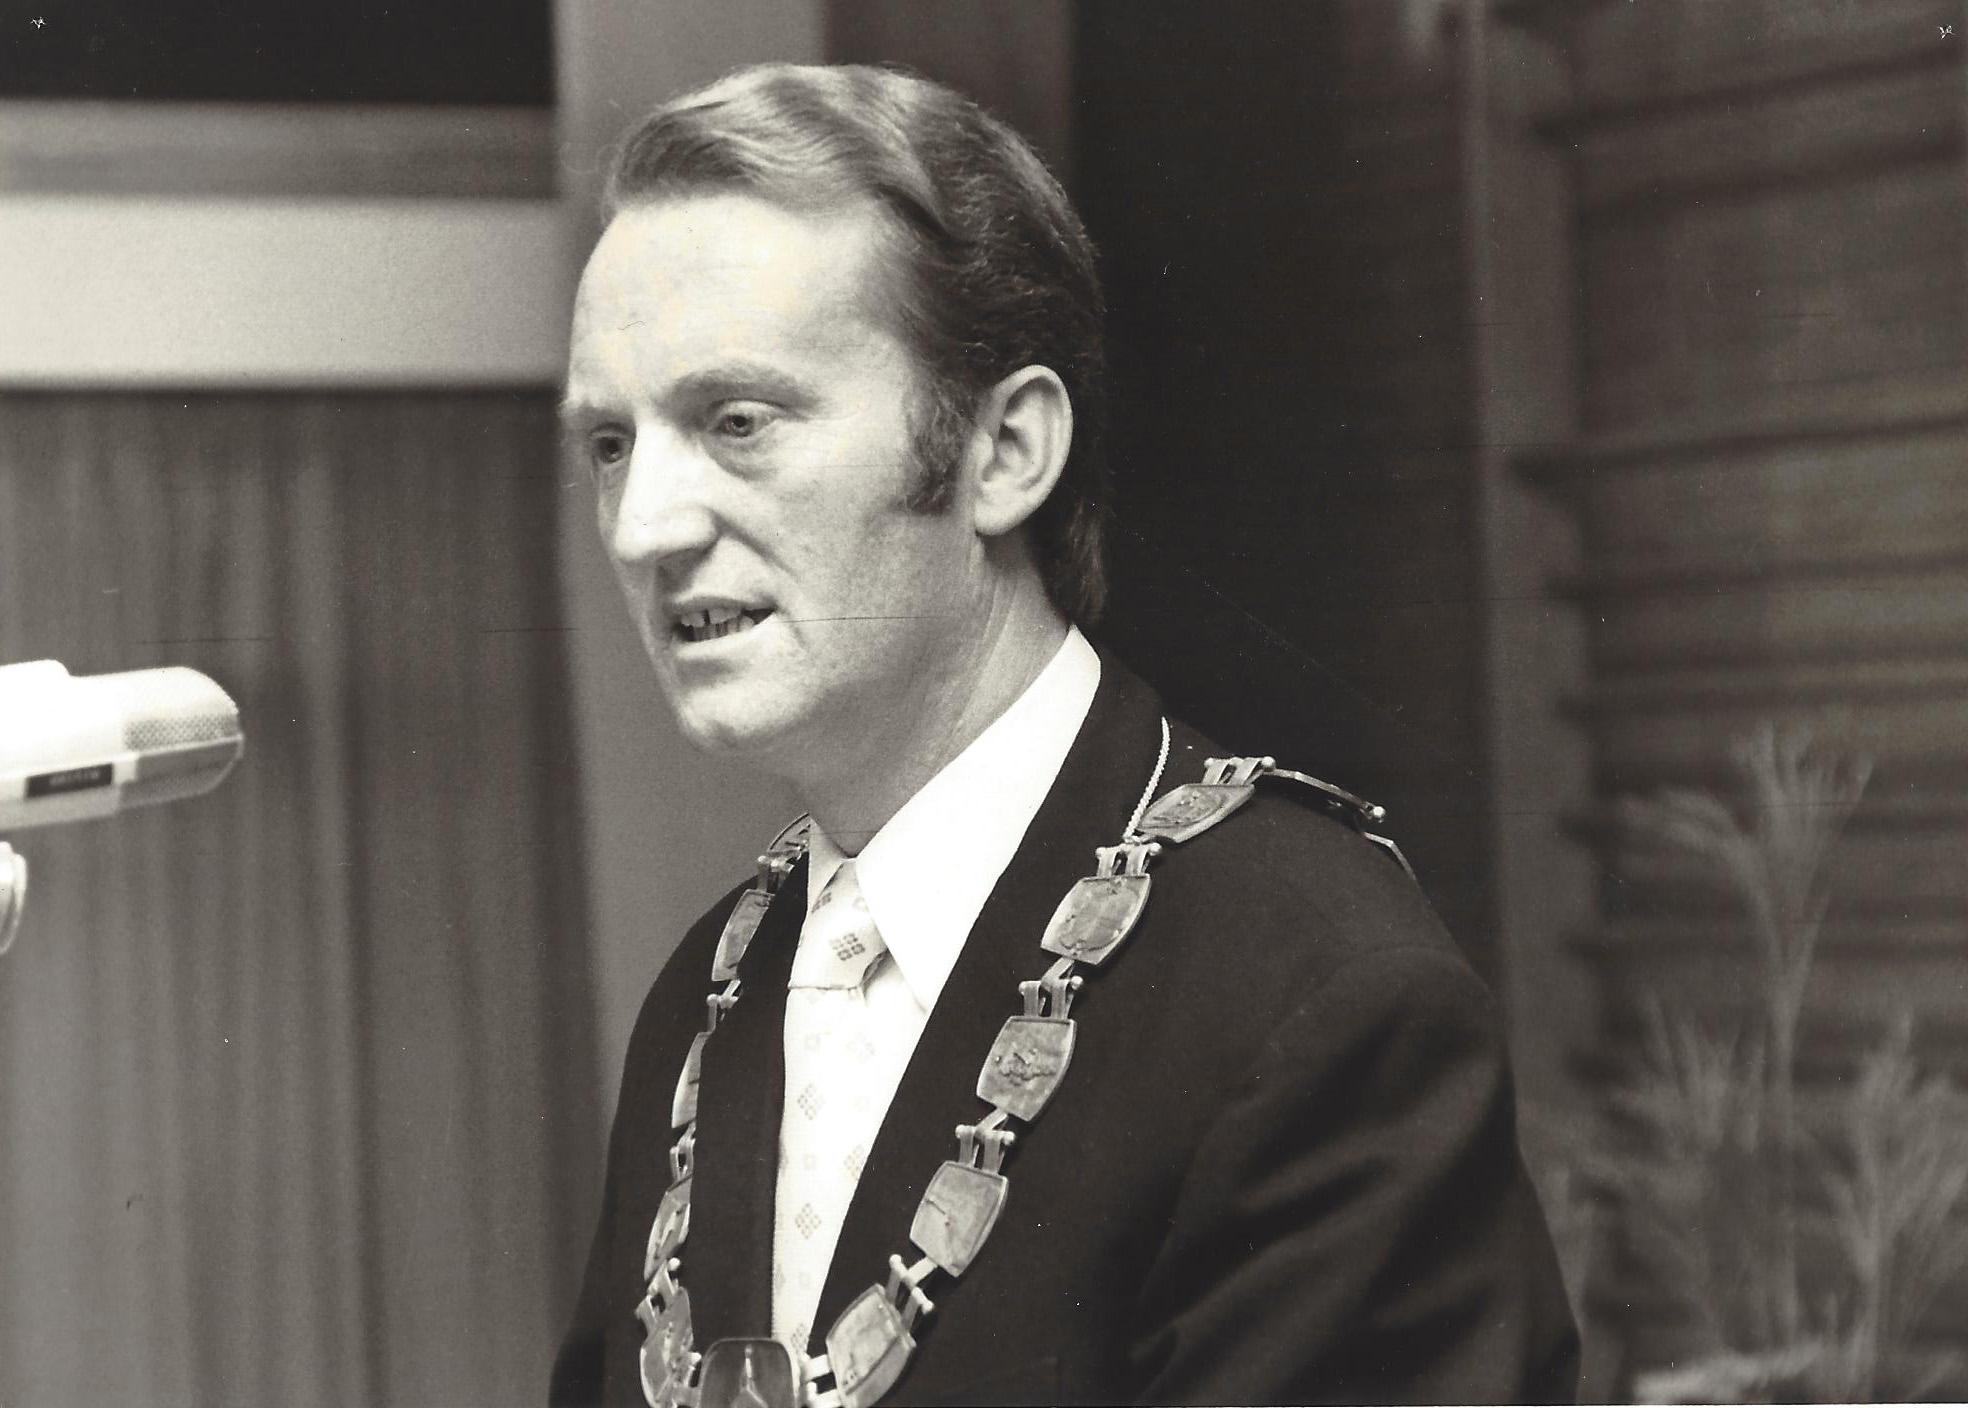 Horst Strecker